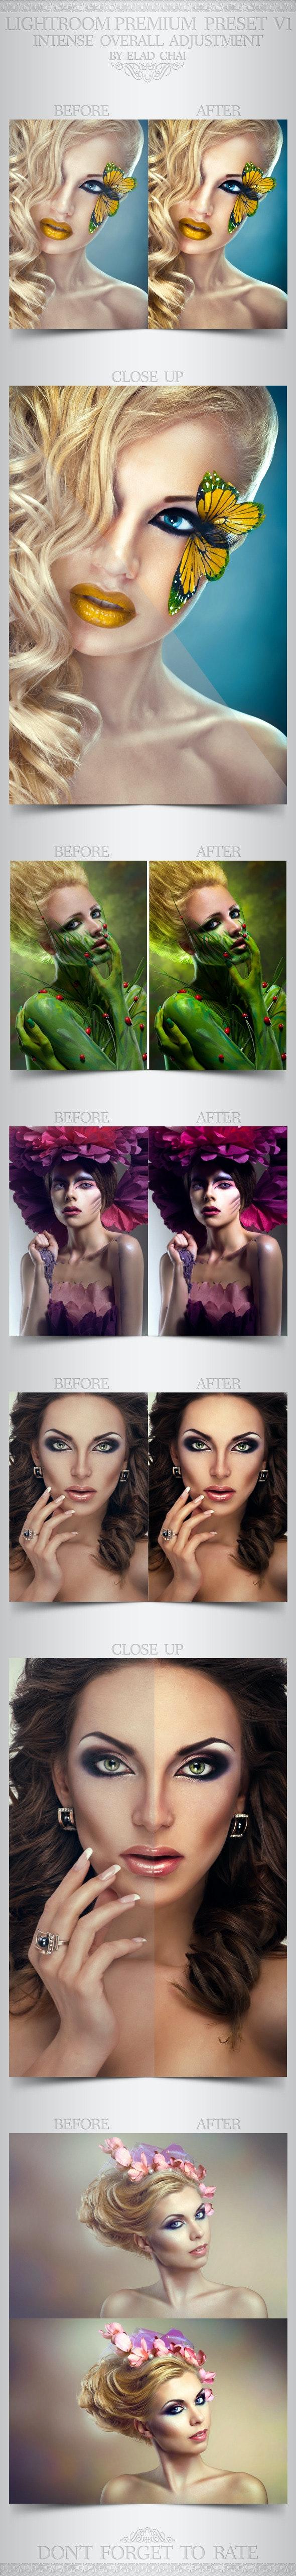 Perfect Model Lightroom Preset V1 - Portrait Lightroom Presets